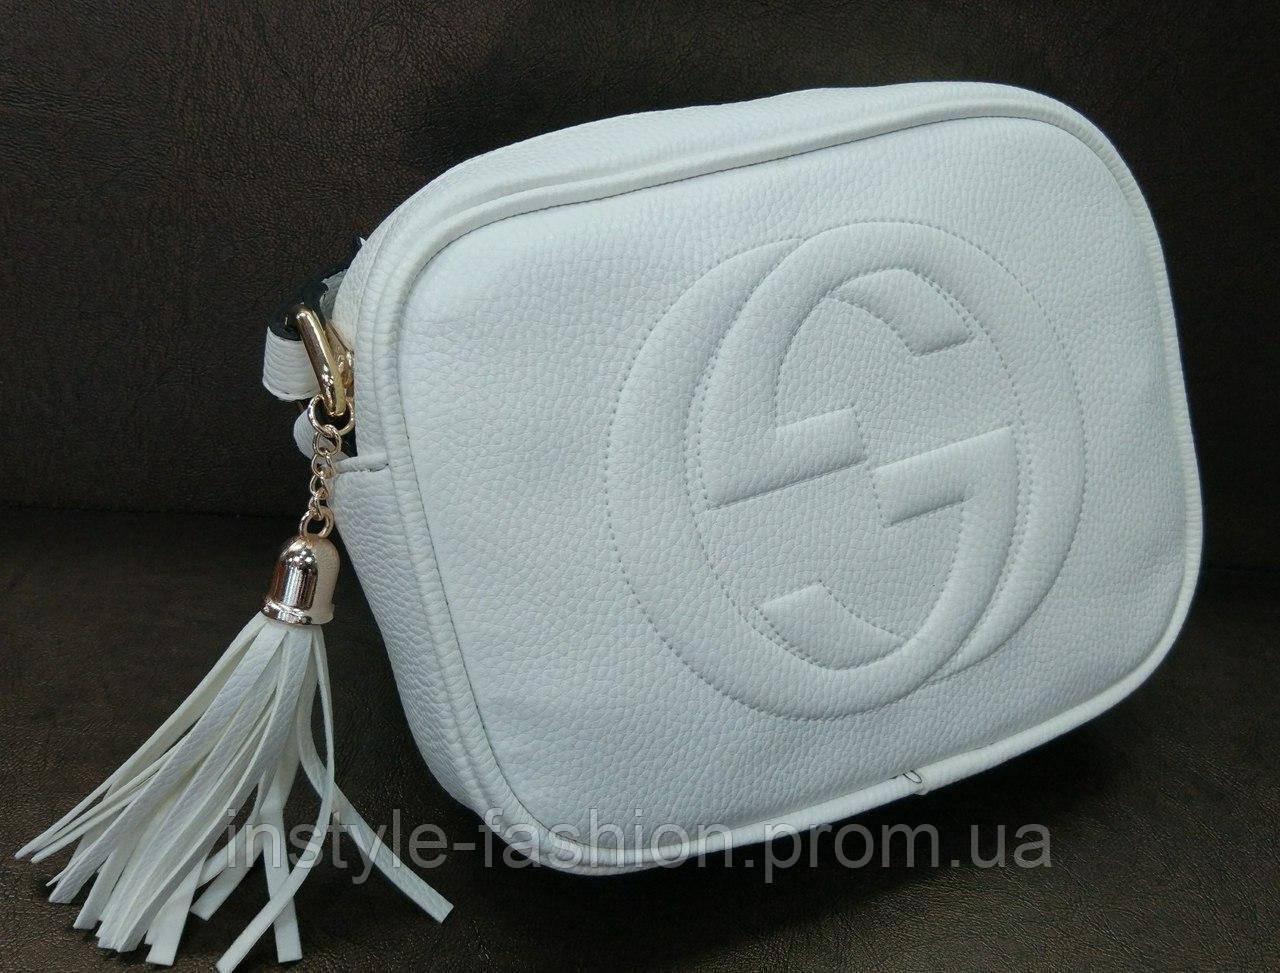 a7c14e66989c Сумка Gucci Гуччи через плечо белая: купить недорого копия продажа ...